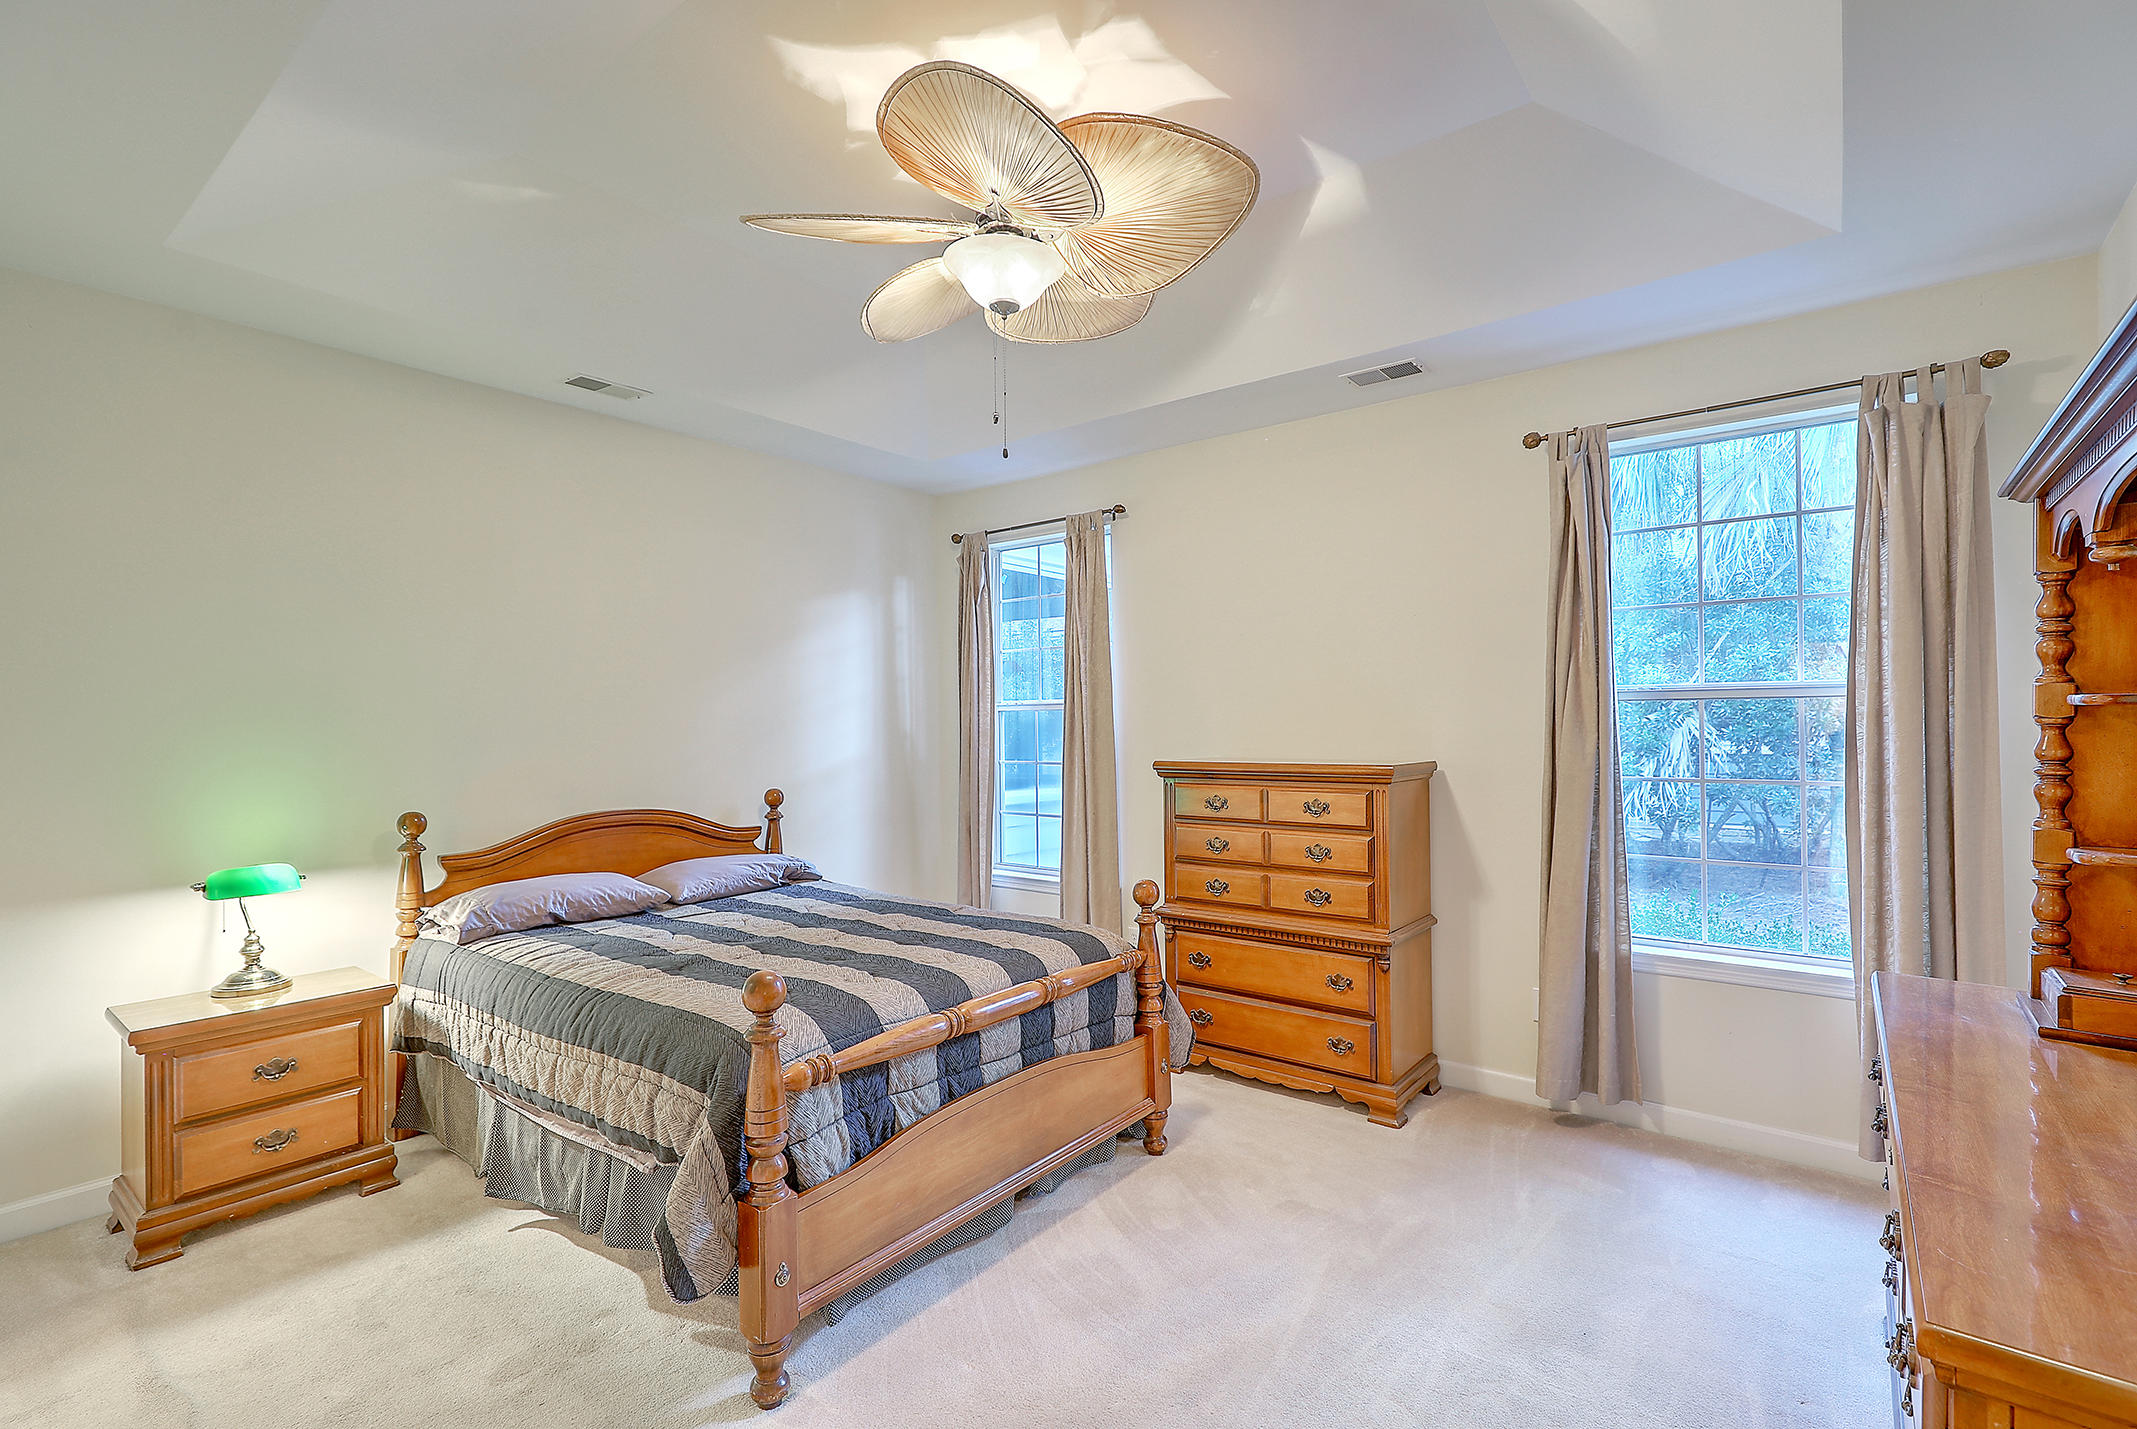 Dunes West Homes For Sale - 163 Fair Sailing, Mount Pleasant, SC - 0